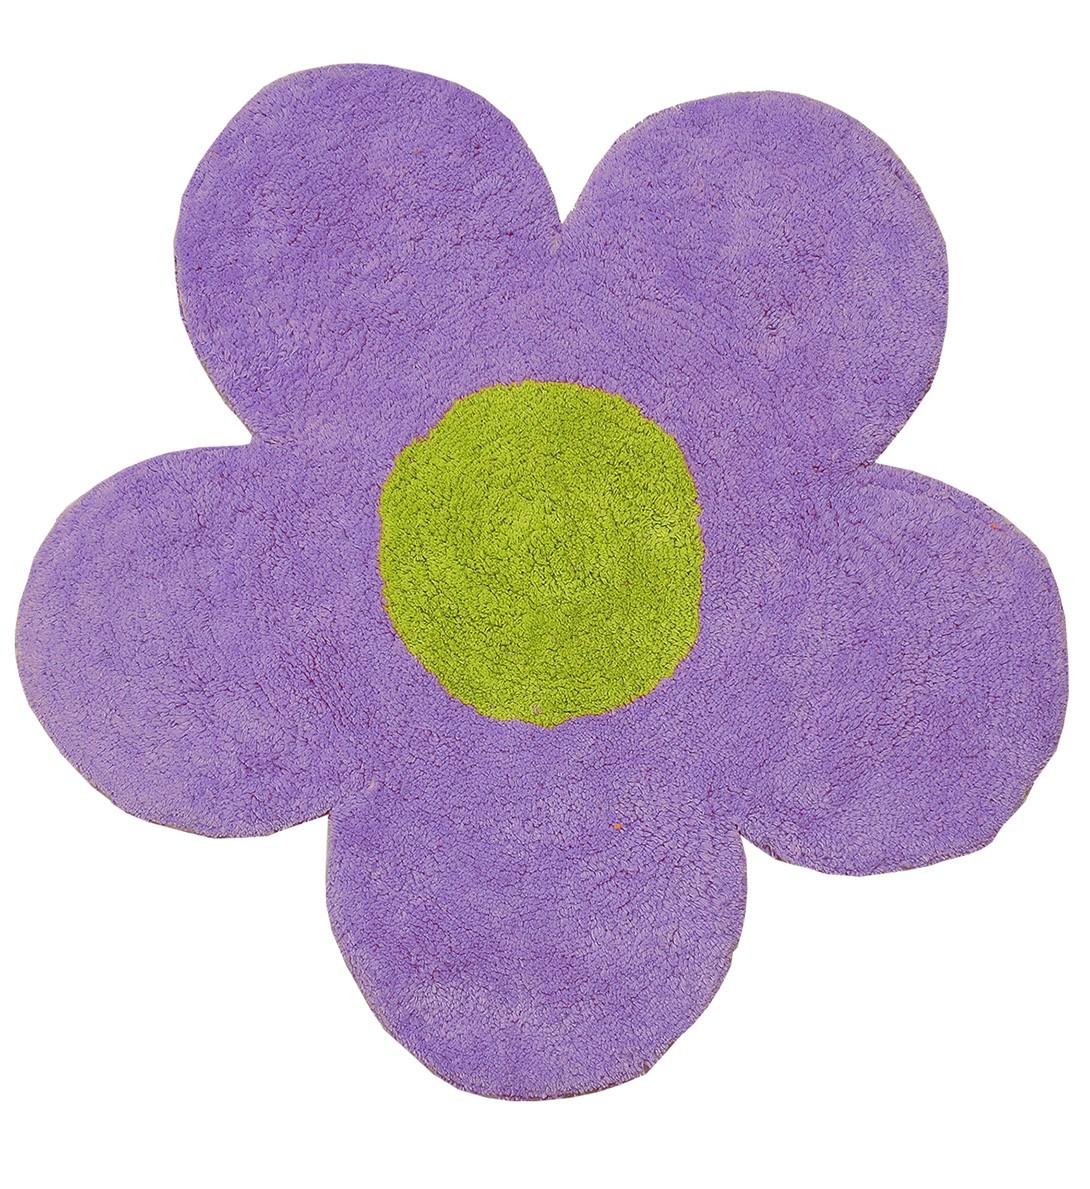 Πατάκι Μπάνιου San Lorentzo DBL Face Daisy Purple/Green